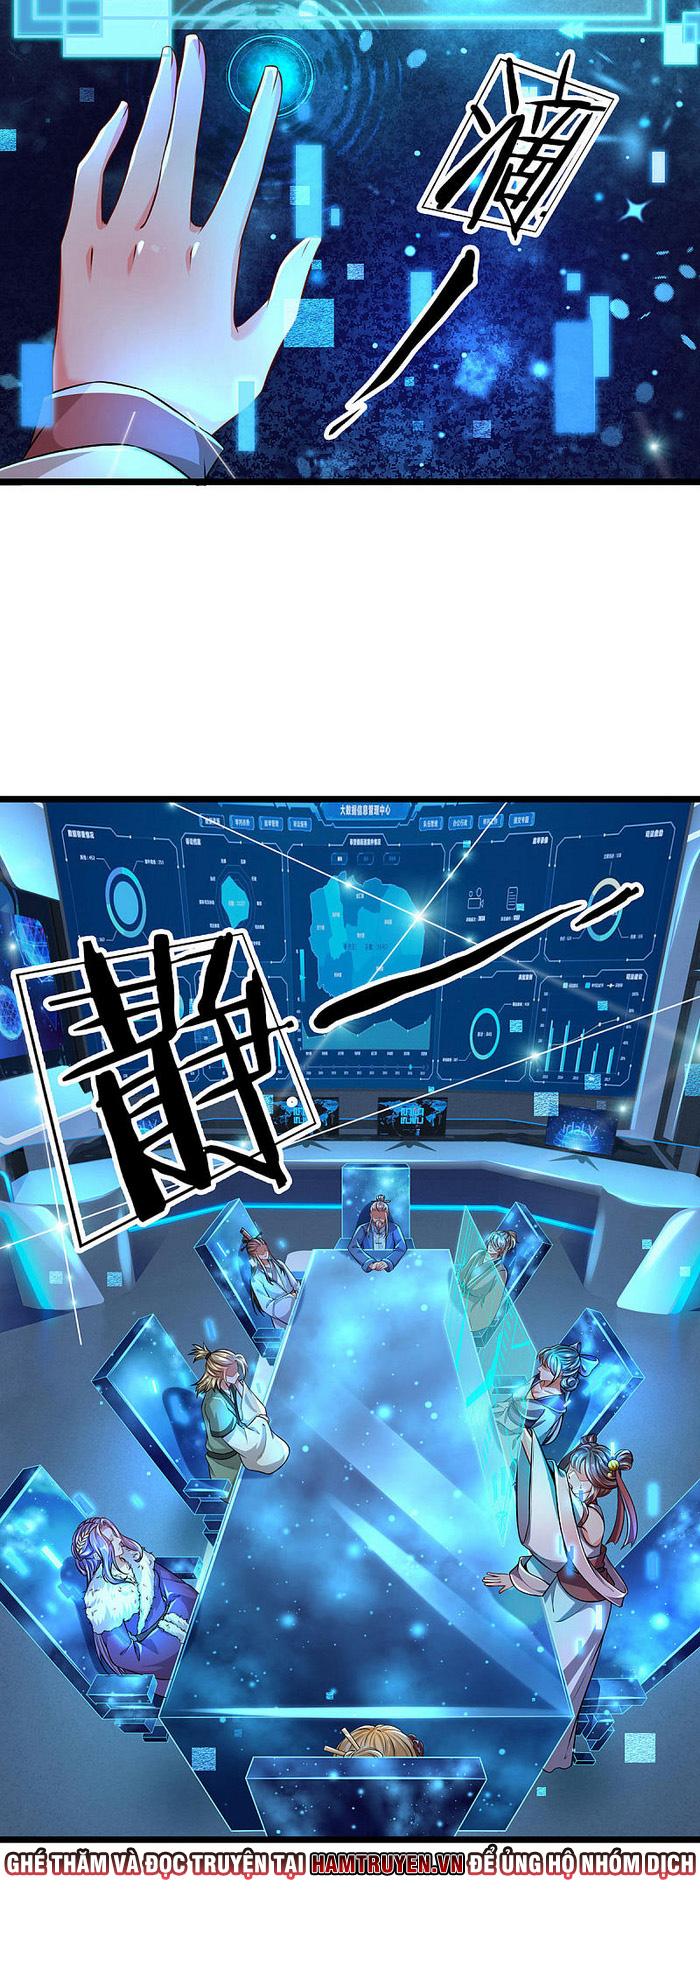 ĐẠI MA HOÀNG THƯỜNG NGÀY PHIỀN NÃO Chapter 21 - upload bởi truyensieuhay.com